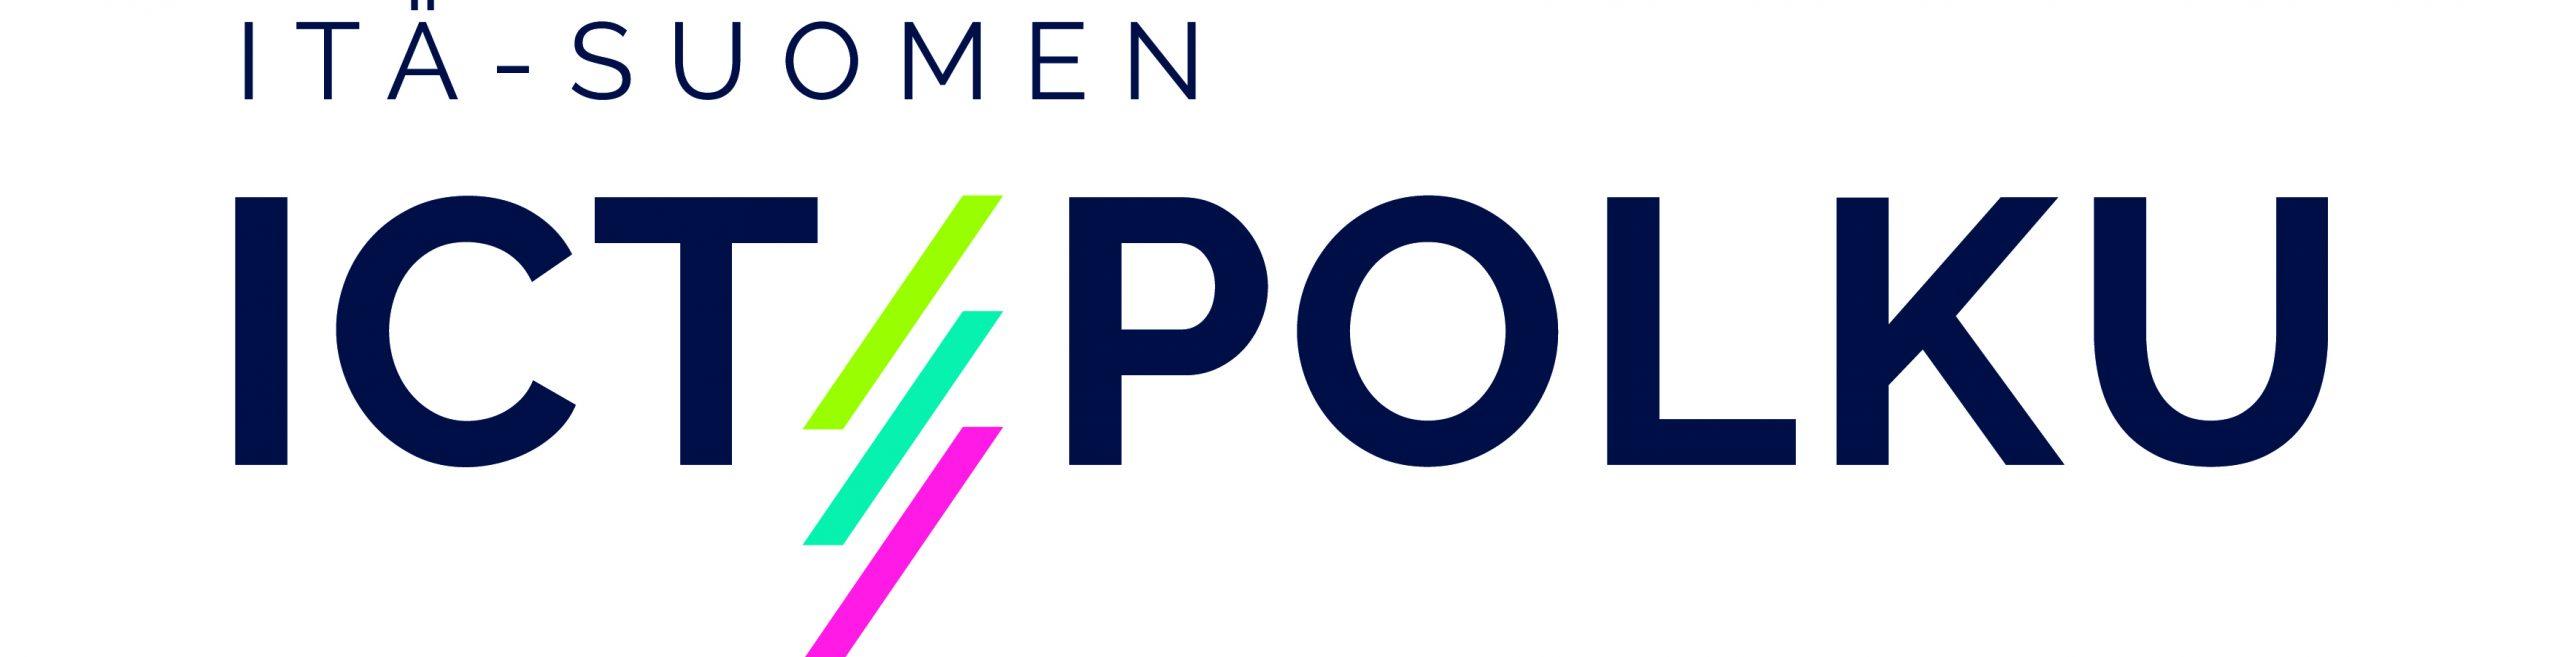 Logo, jossa lukee Itä-Suomen ICT-polku.